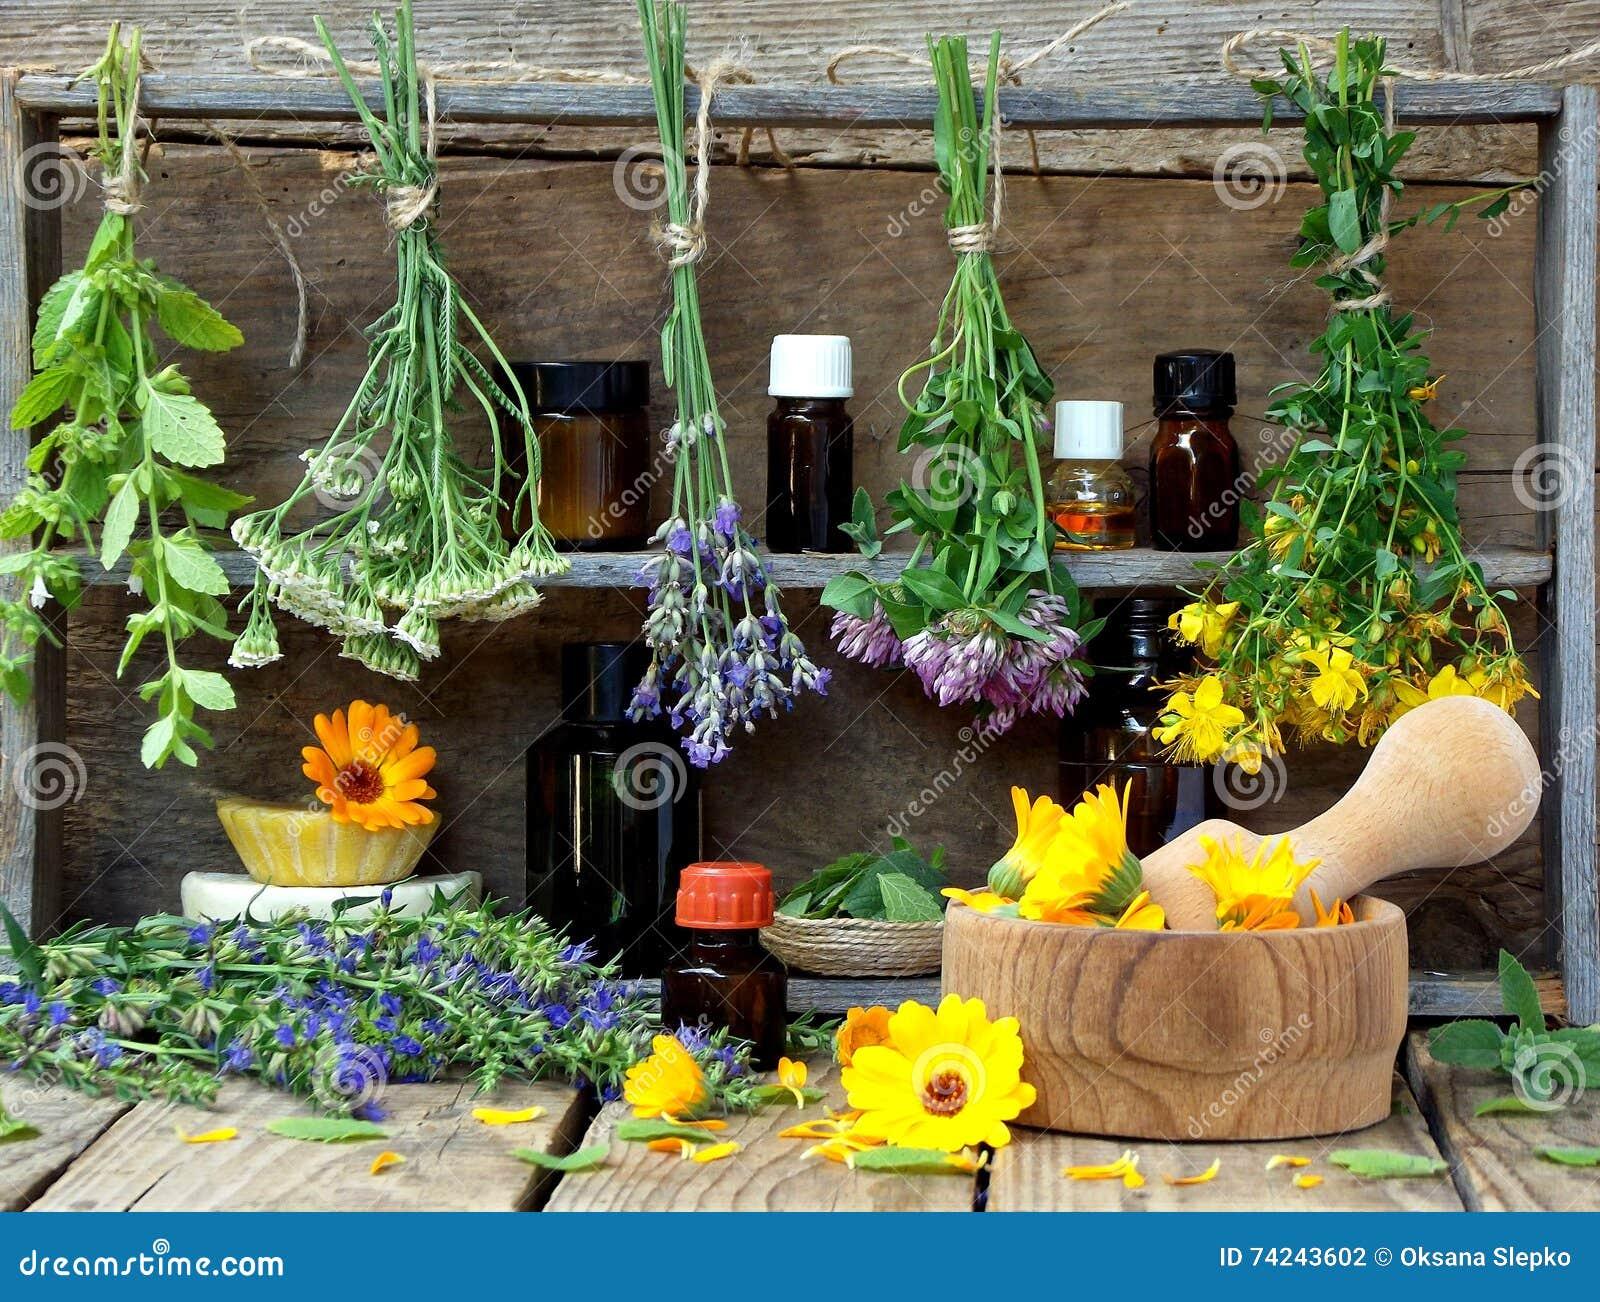 Bossen van het helen van kruiden - munt, duizendblad, lavendel, klaver, hyssop, duizendblad, mortier met bloemen van calendula en